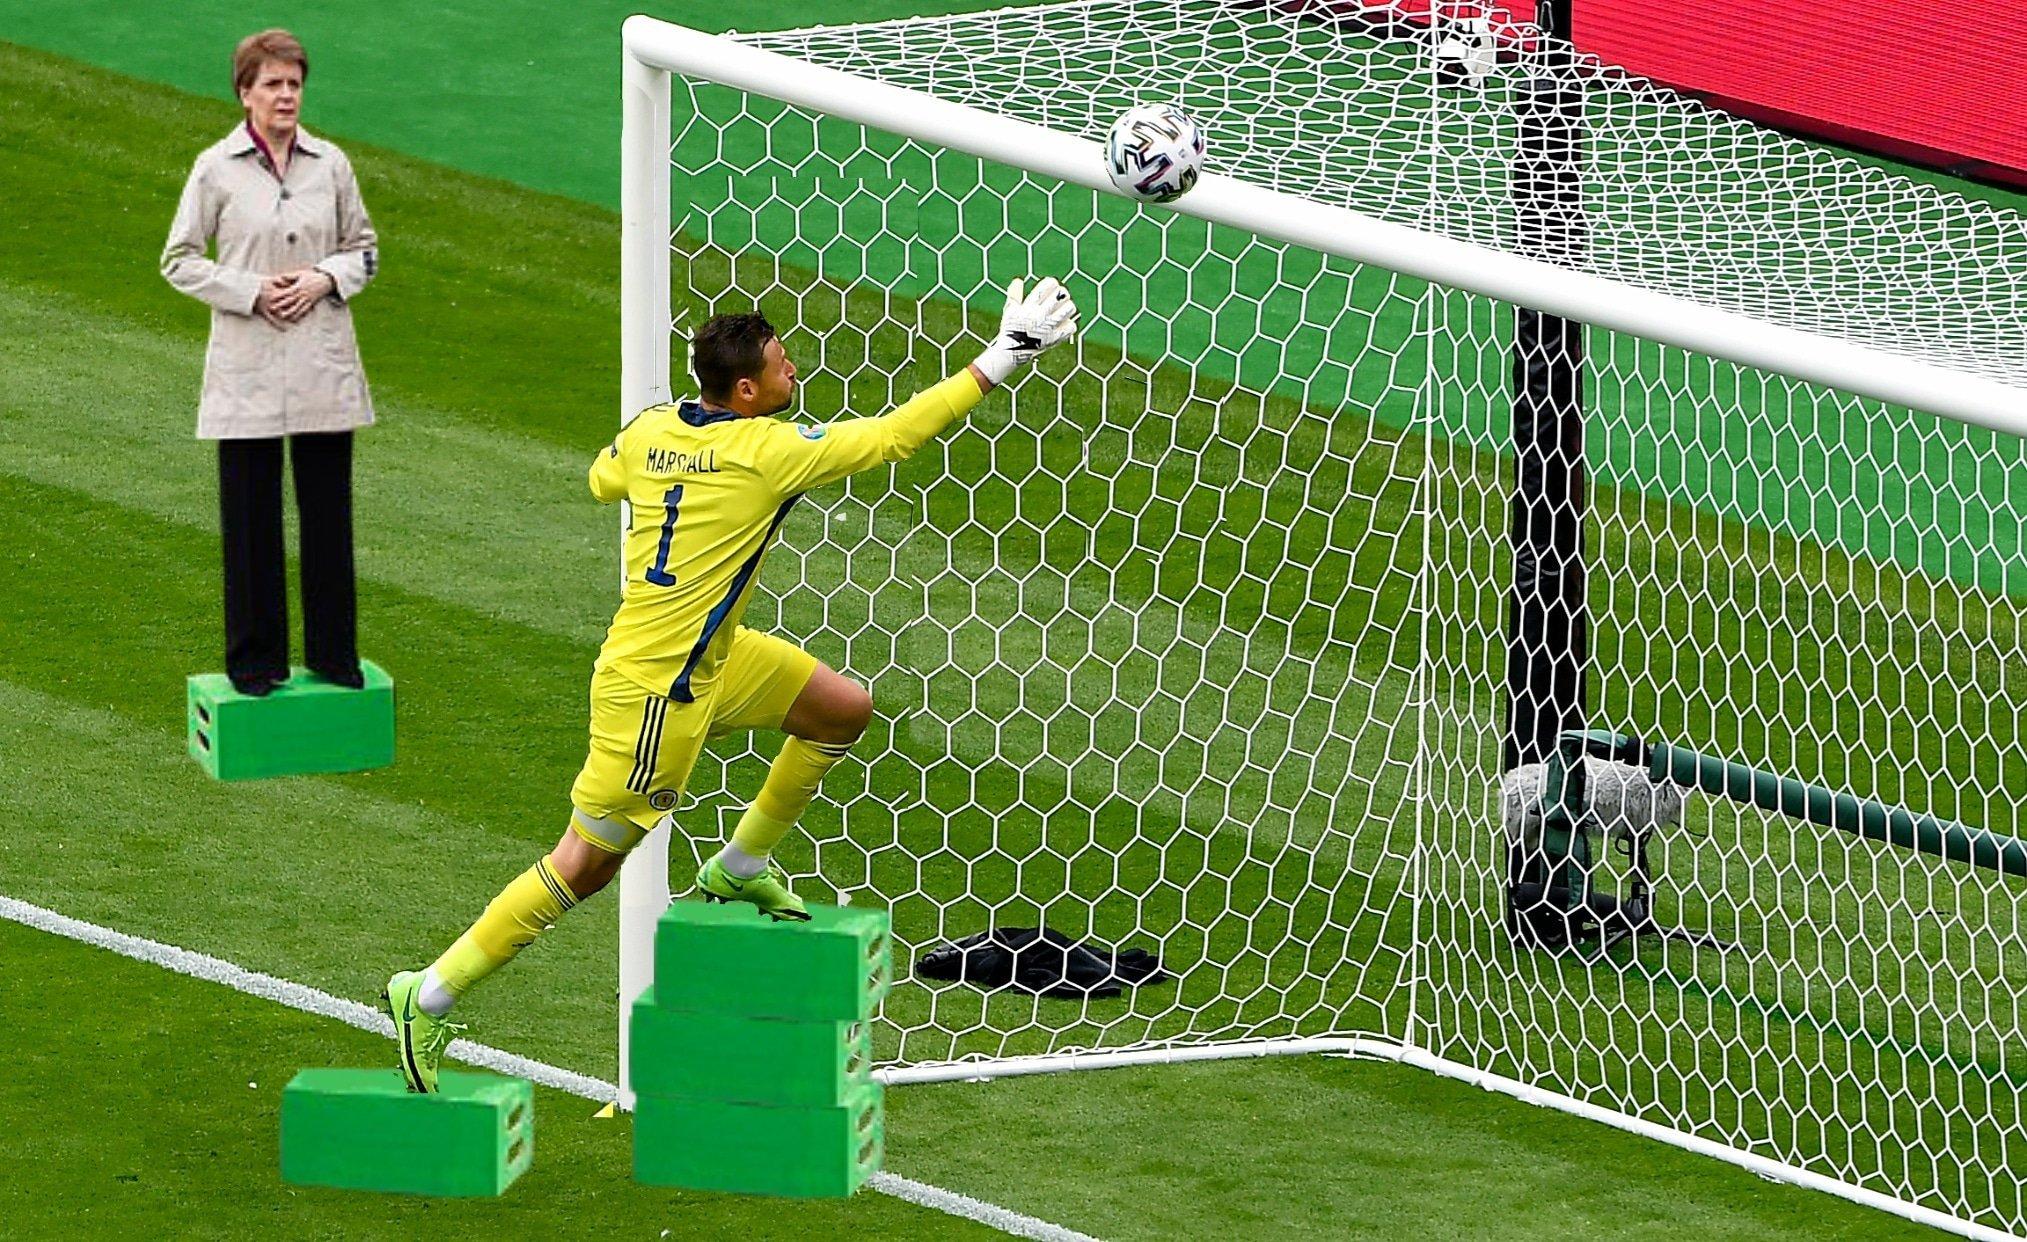 Прыжок вратаря сборной Шотландии Маршалла высмеяли в соцсетях после матча с Чехией (Фото) - изображение 12